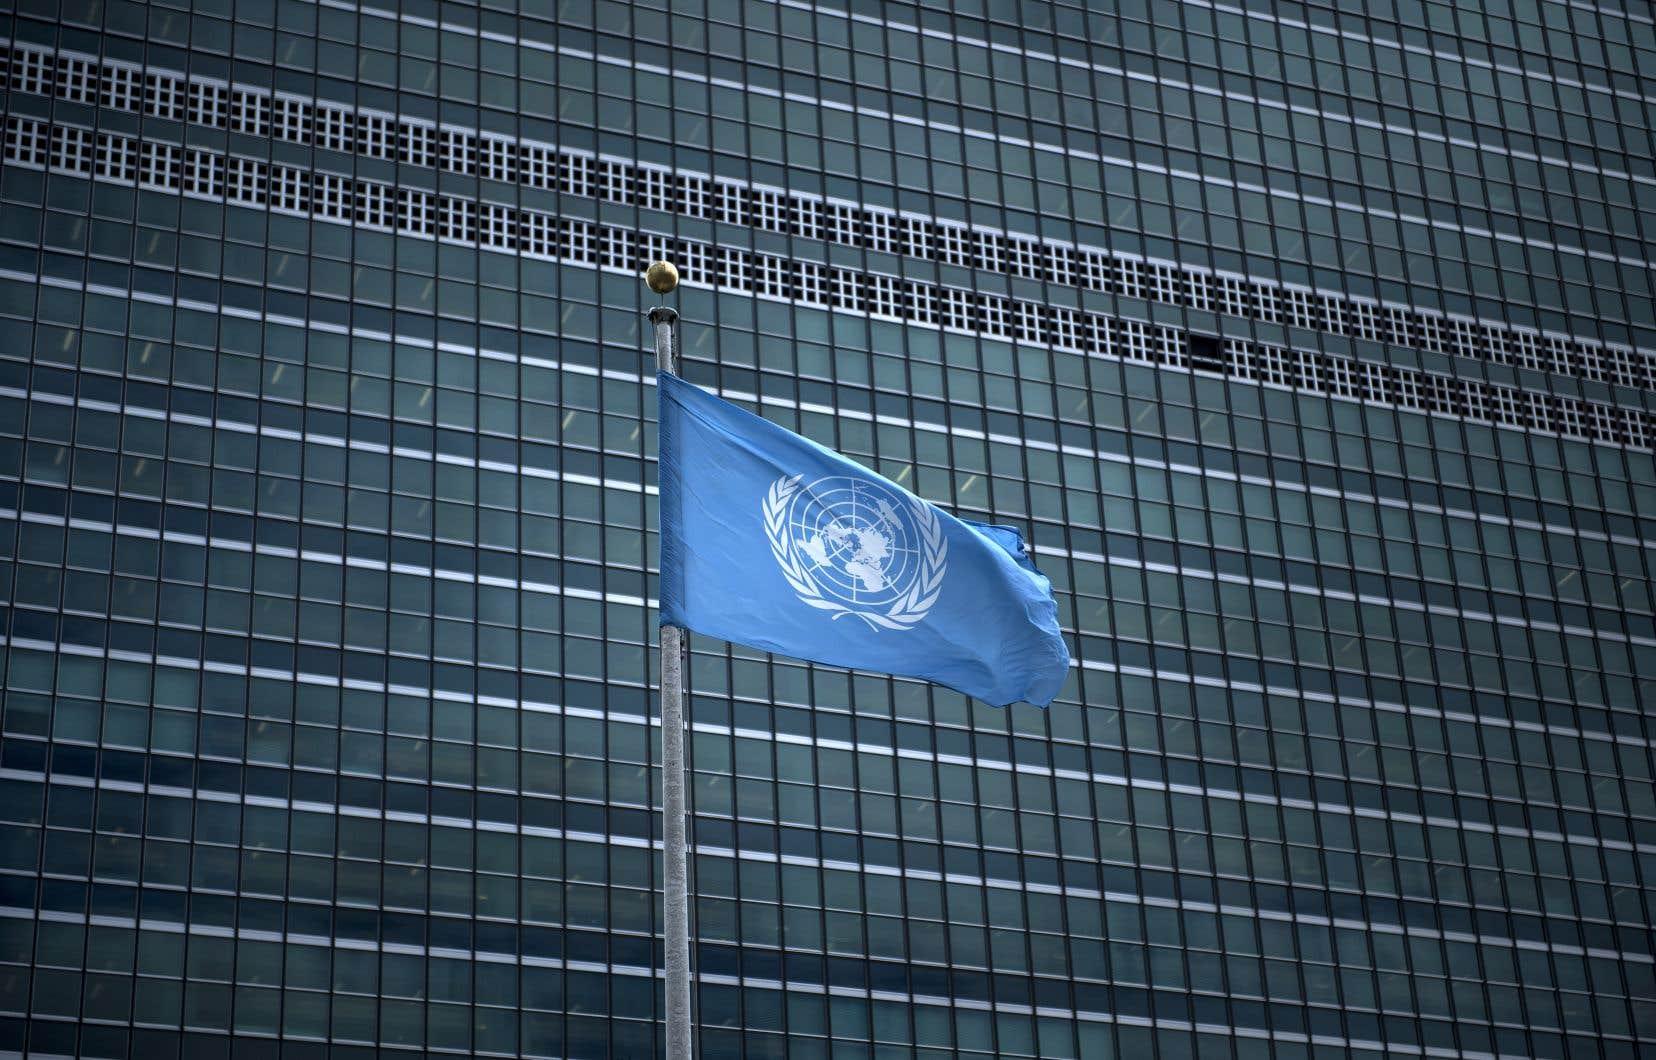 <p>Certains employés de l'ONU ont également déclaré avoir subi des gestes déplacés.</p>